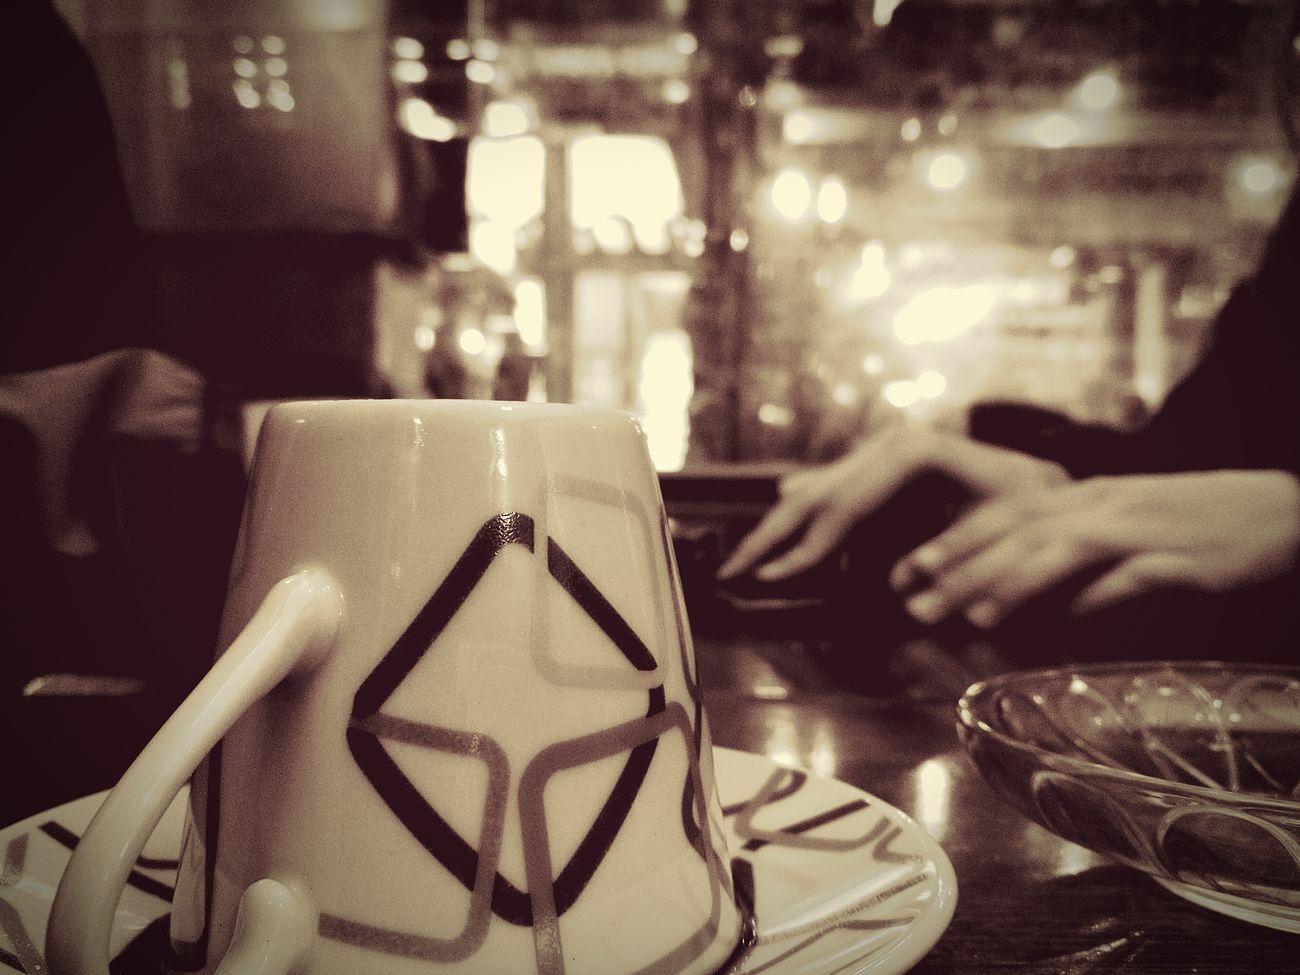 Soğuk günlerde en iyi şey dostlarla koyu bir kahve...Turkishcoffe Conversationwithfriend Bestfriendship Fortune Telling Thebestthing Hotcoffe